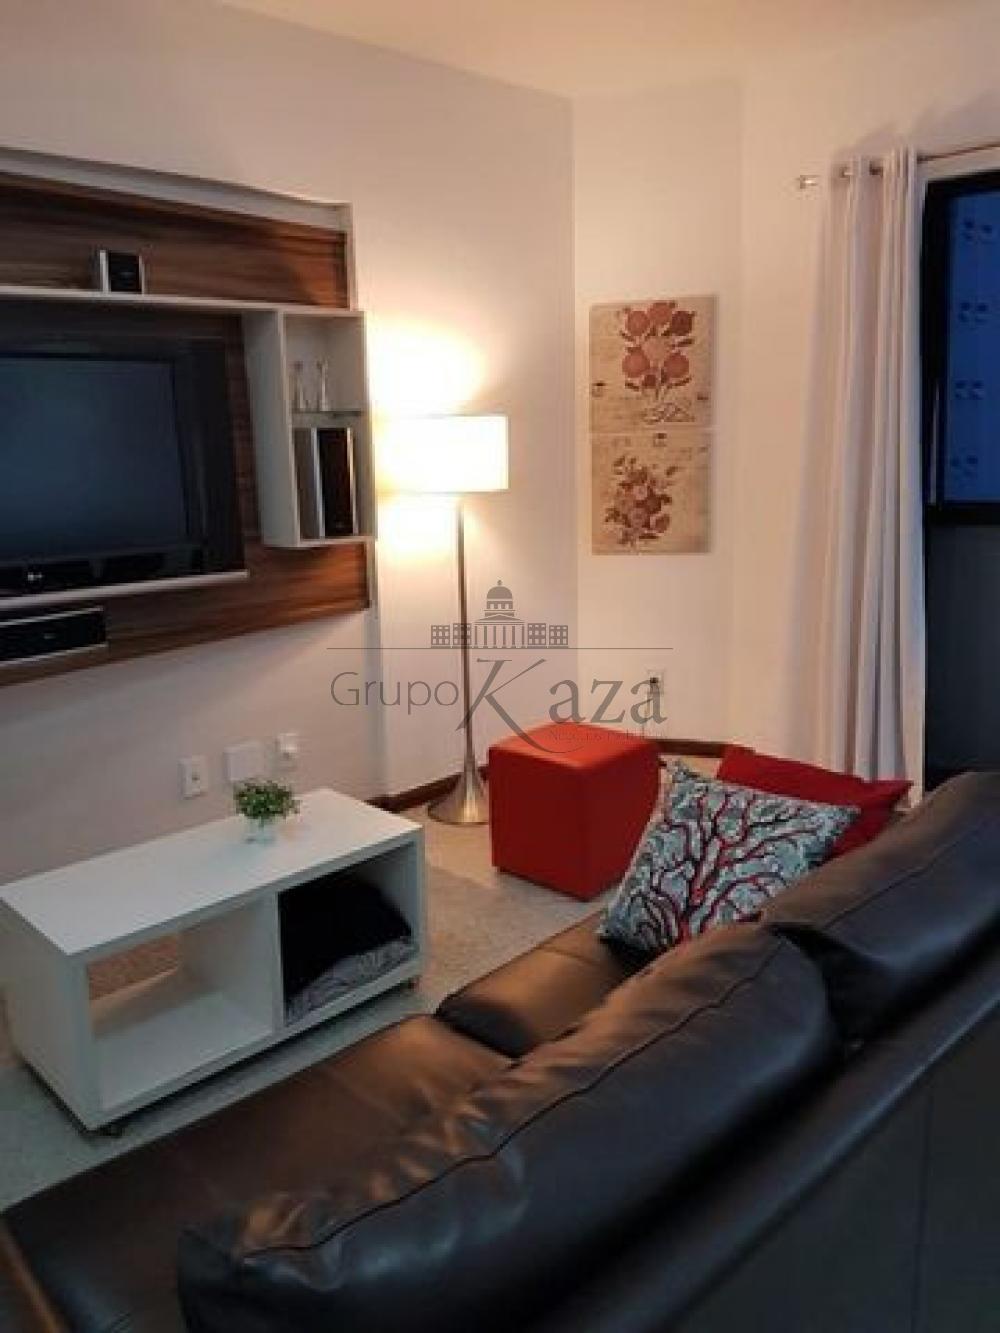 Sao Jose dos Campos Apartamento Venda R$460.000,00 Condominio R$840,00 2 Dormitorios 1 Suite Area construida 86.00m2